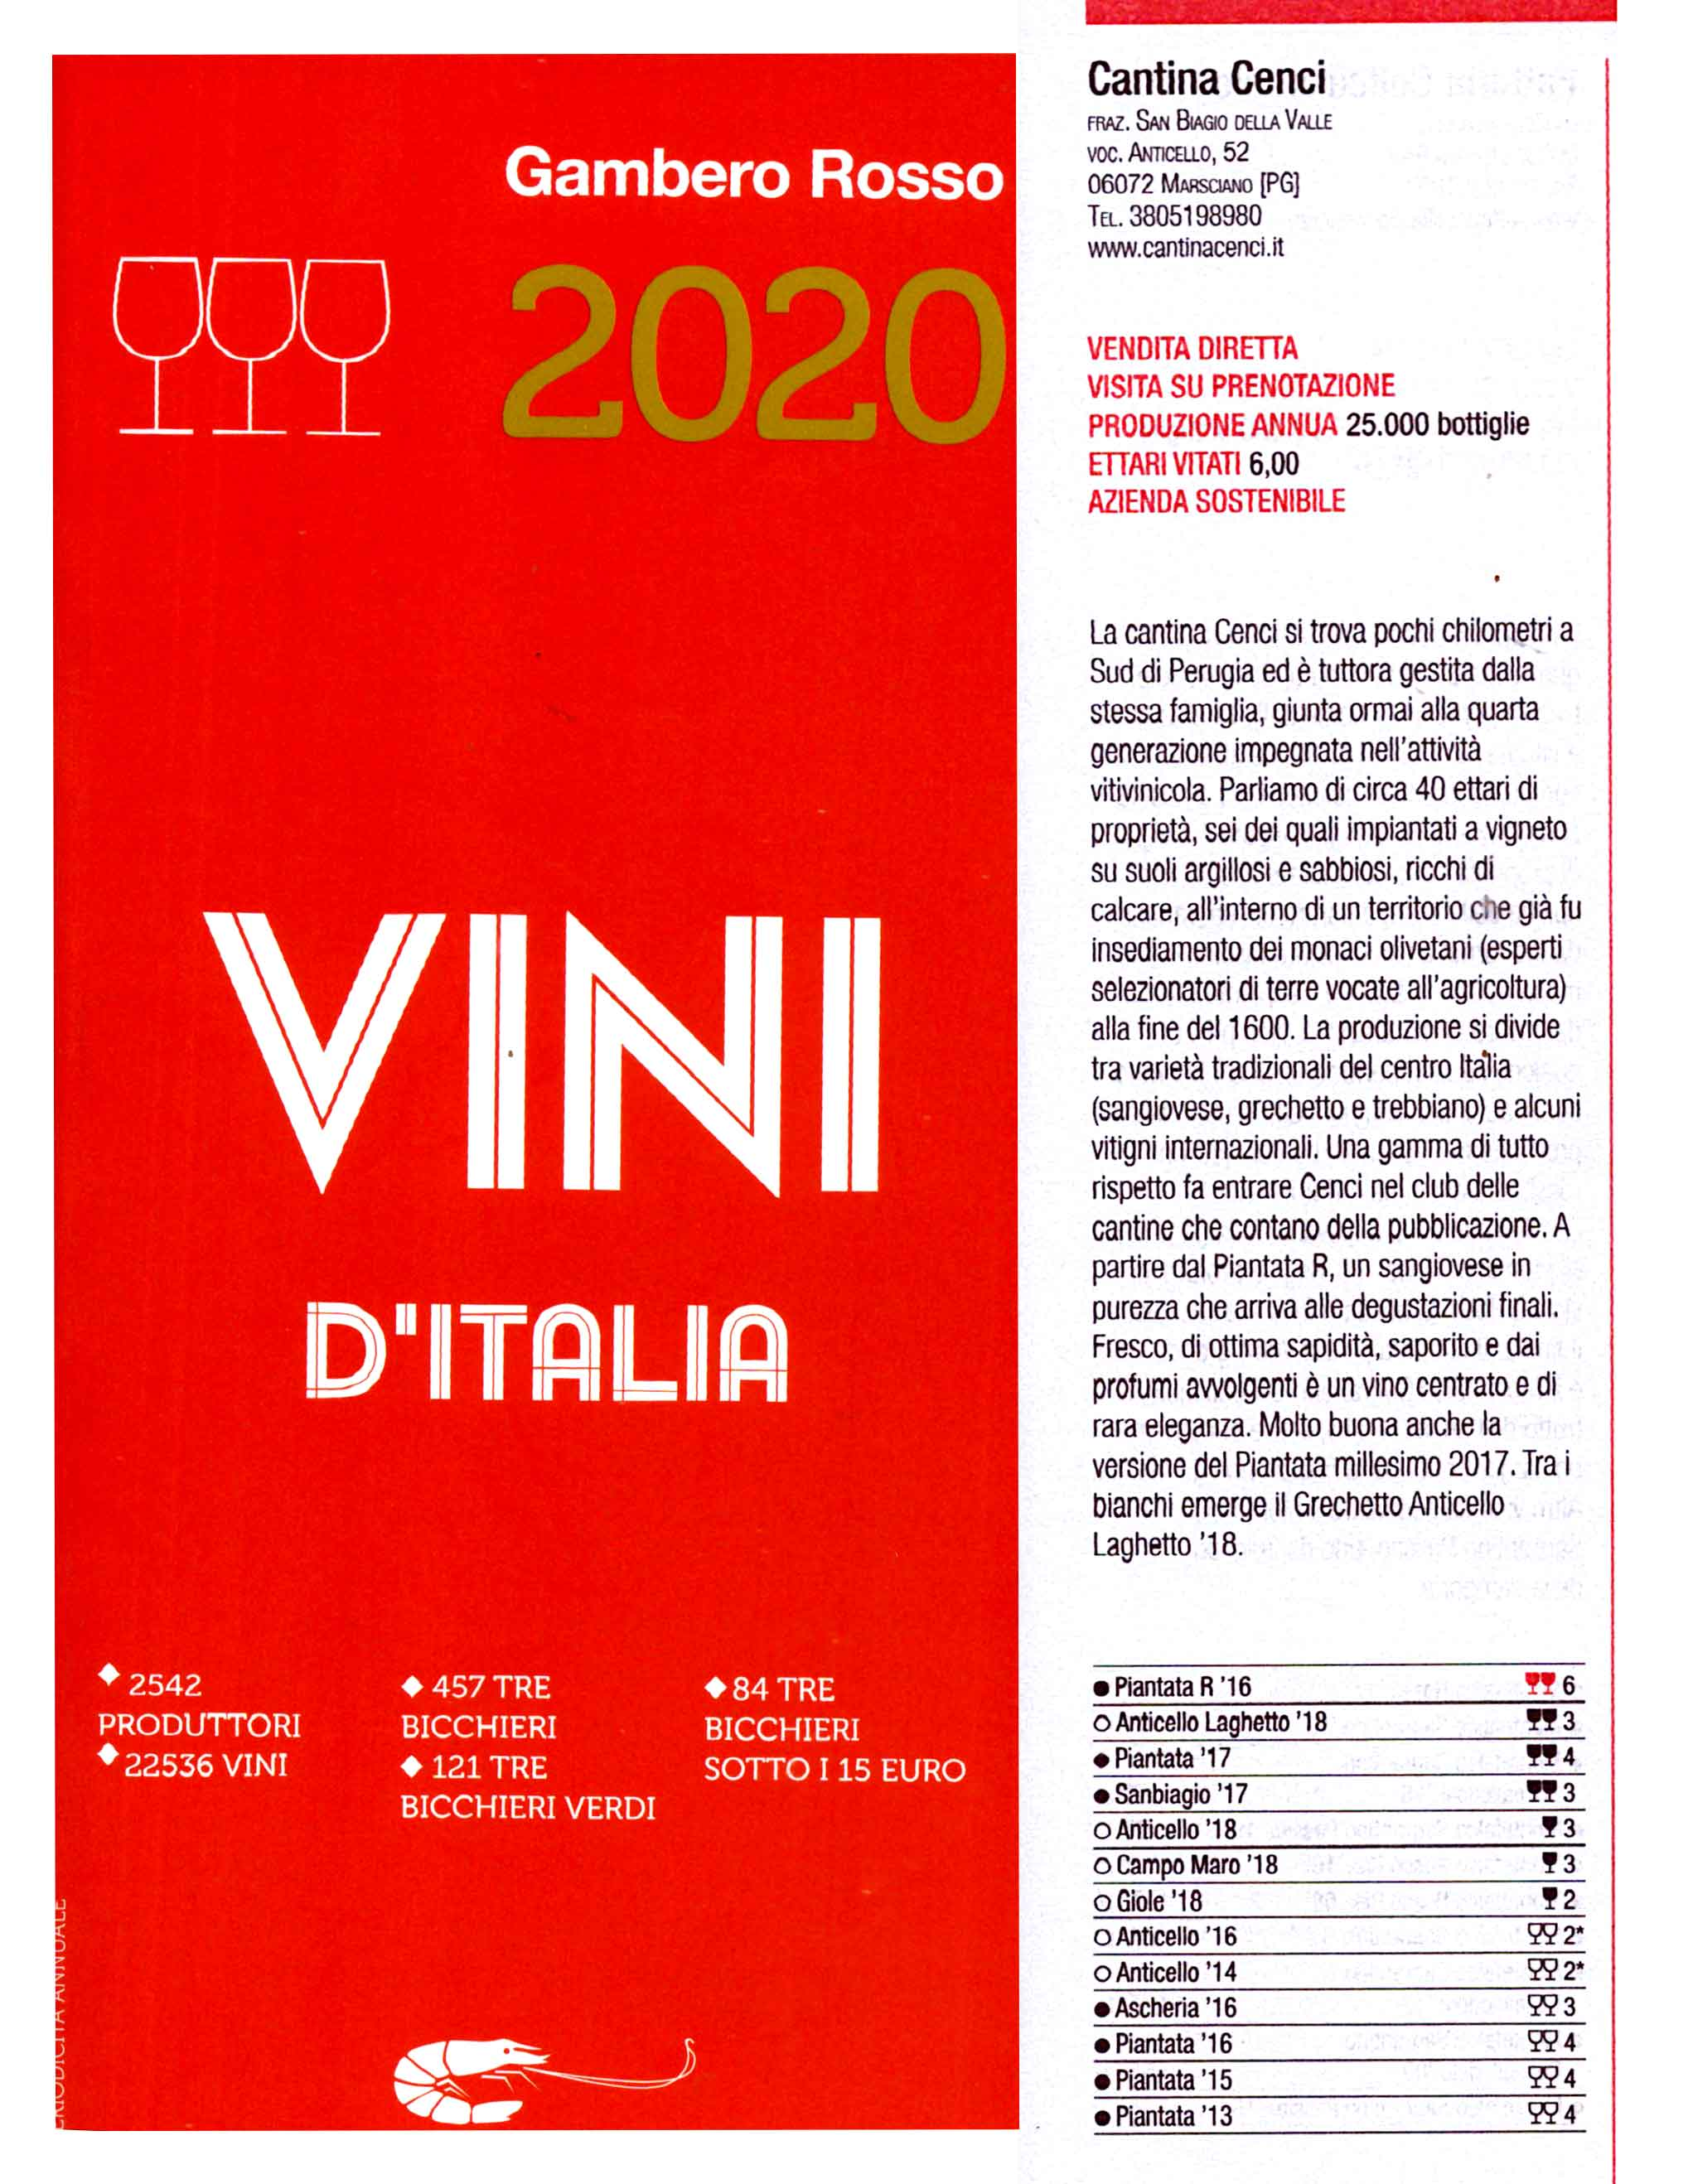 Gambero-rosso-2020-cantina-cenci